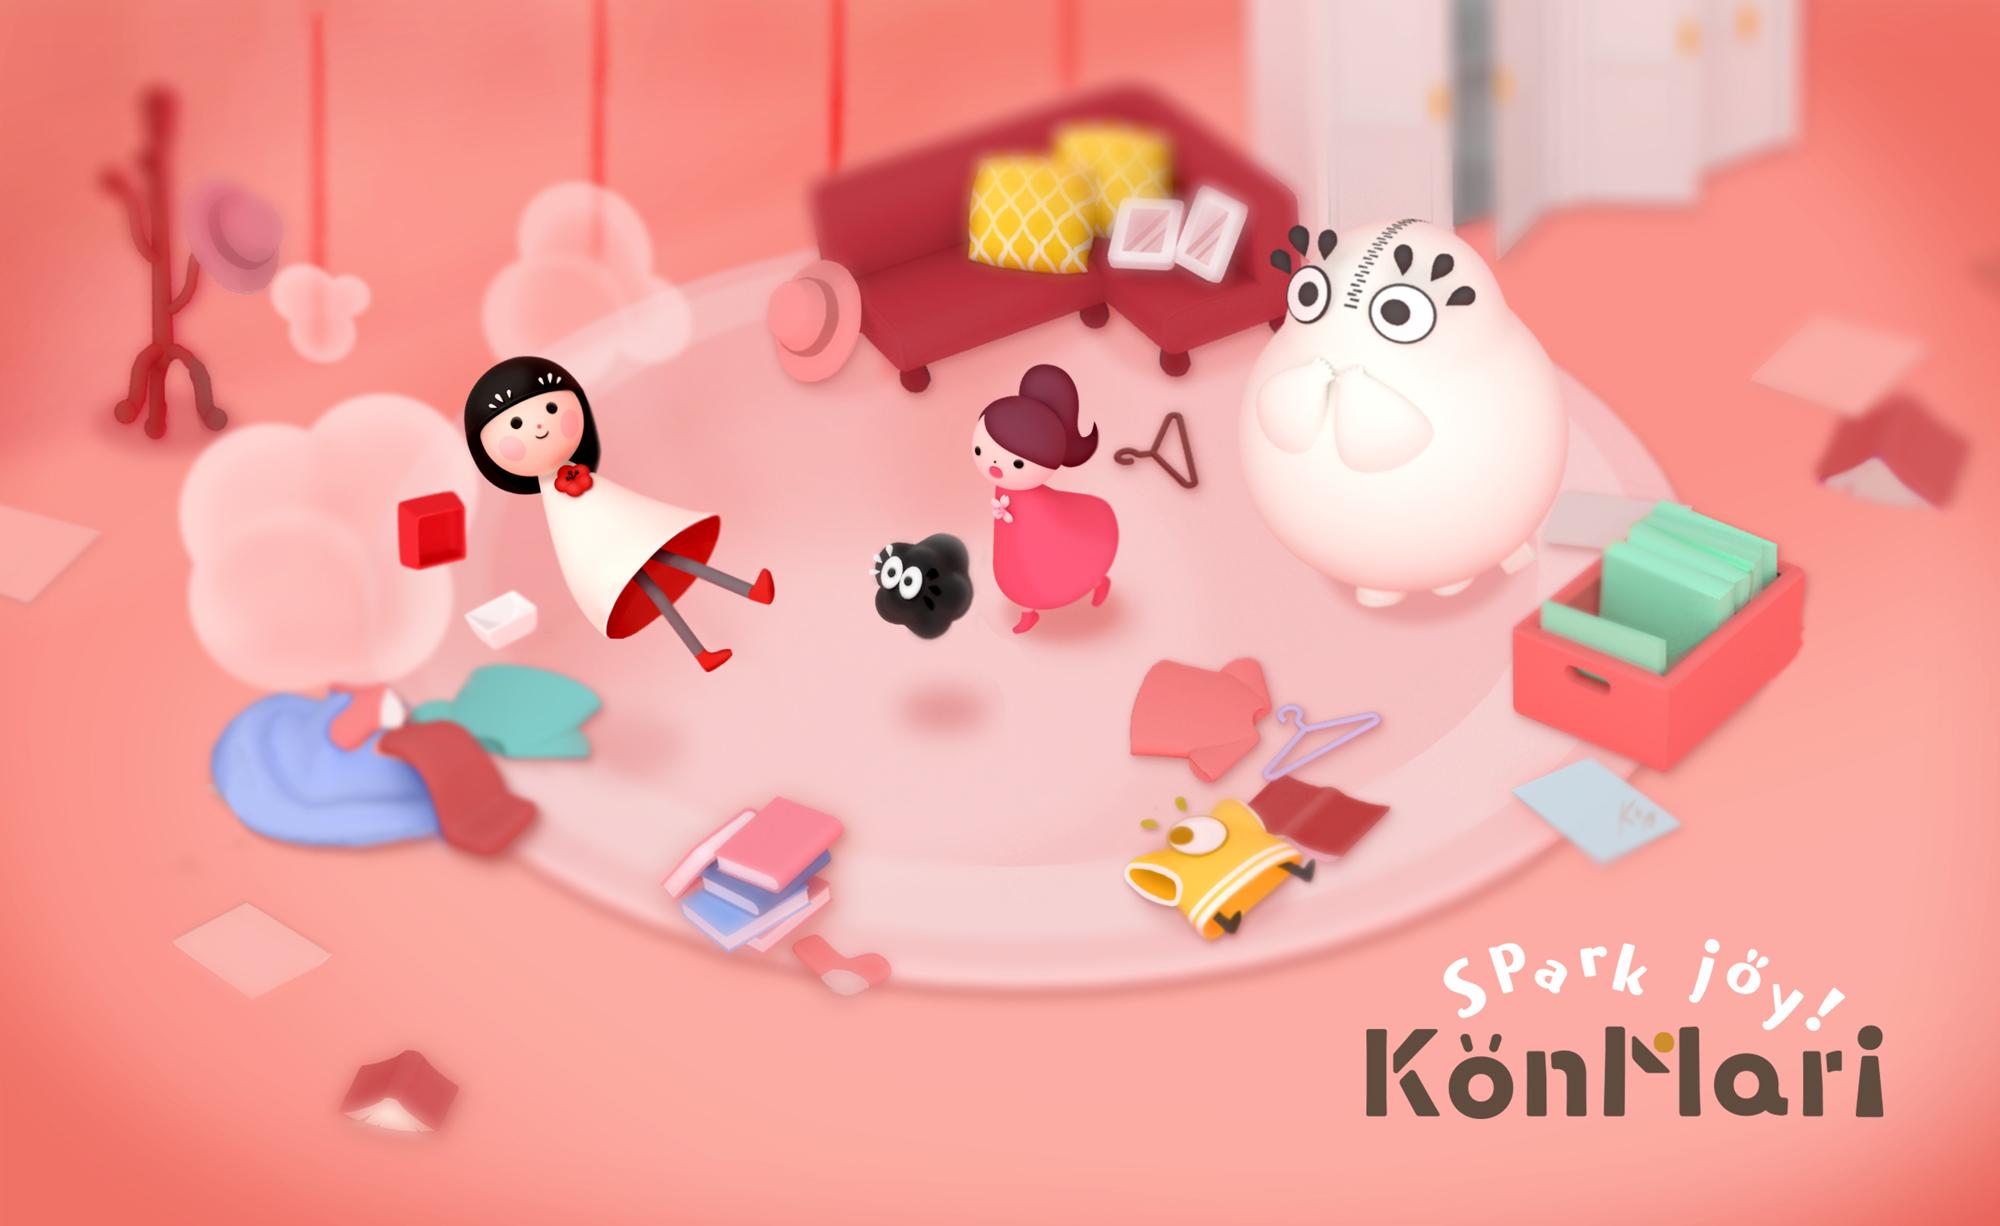 【ゲーム公開のお知らせ】初のゲーム『KonMari Spark Joy!』として世界同時公開